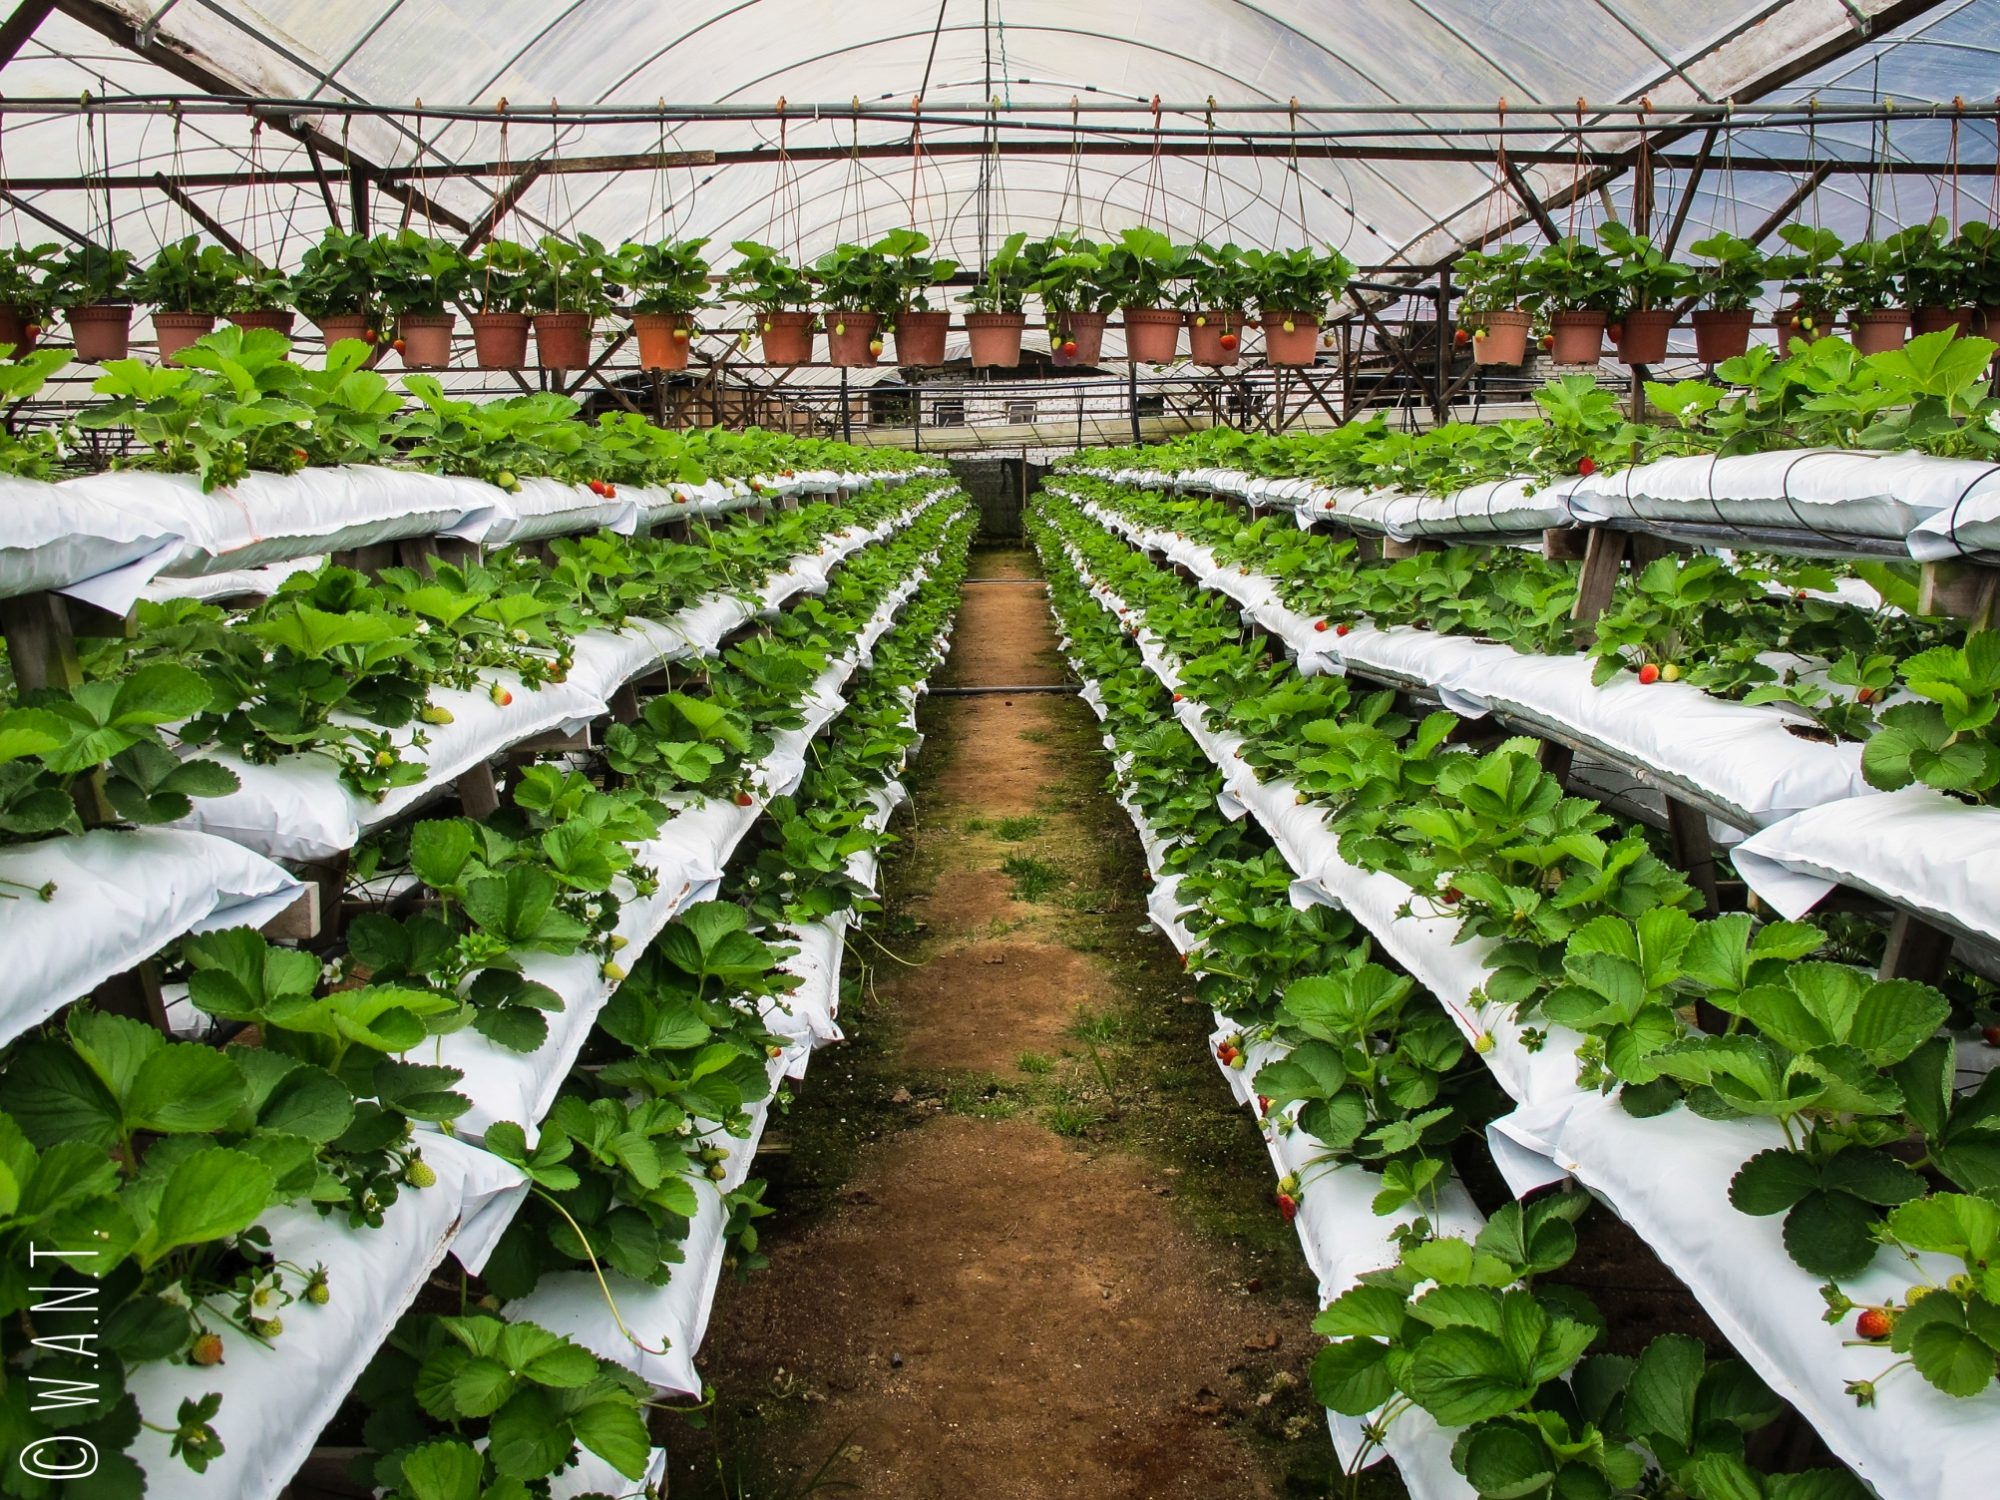 Les fraises sont une des spécialités des Cameron Highlands